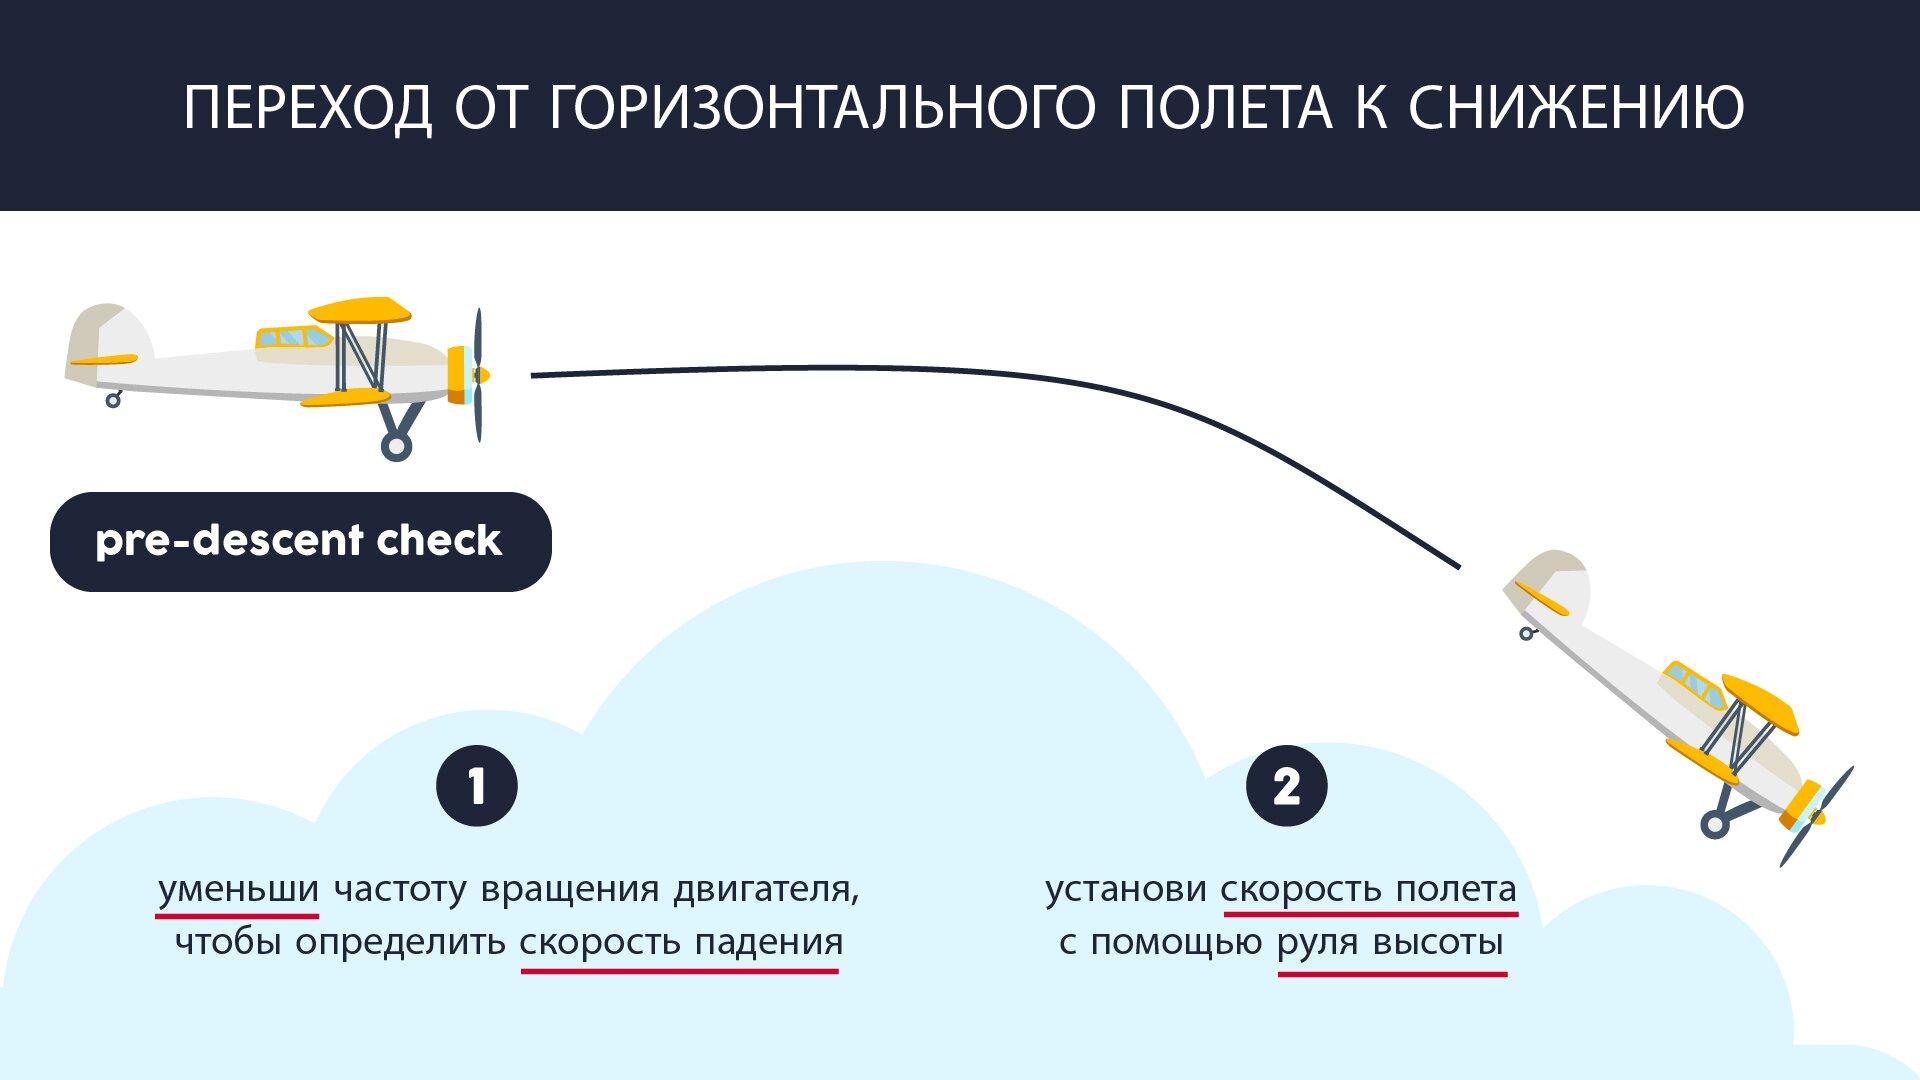 На изображении представлен переход от горизонтального полета к снижению. Grafika przedstawia przejście zlotu poziomego na zniżanie.